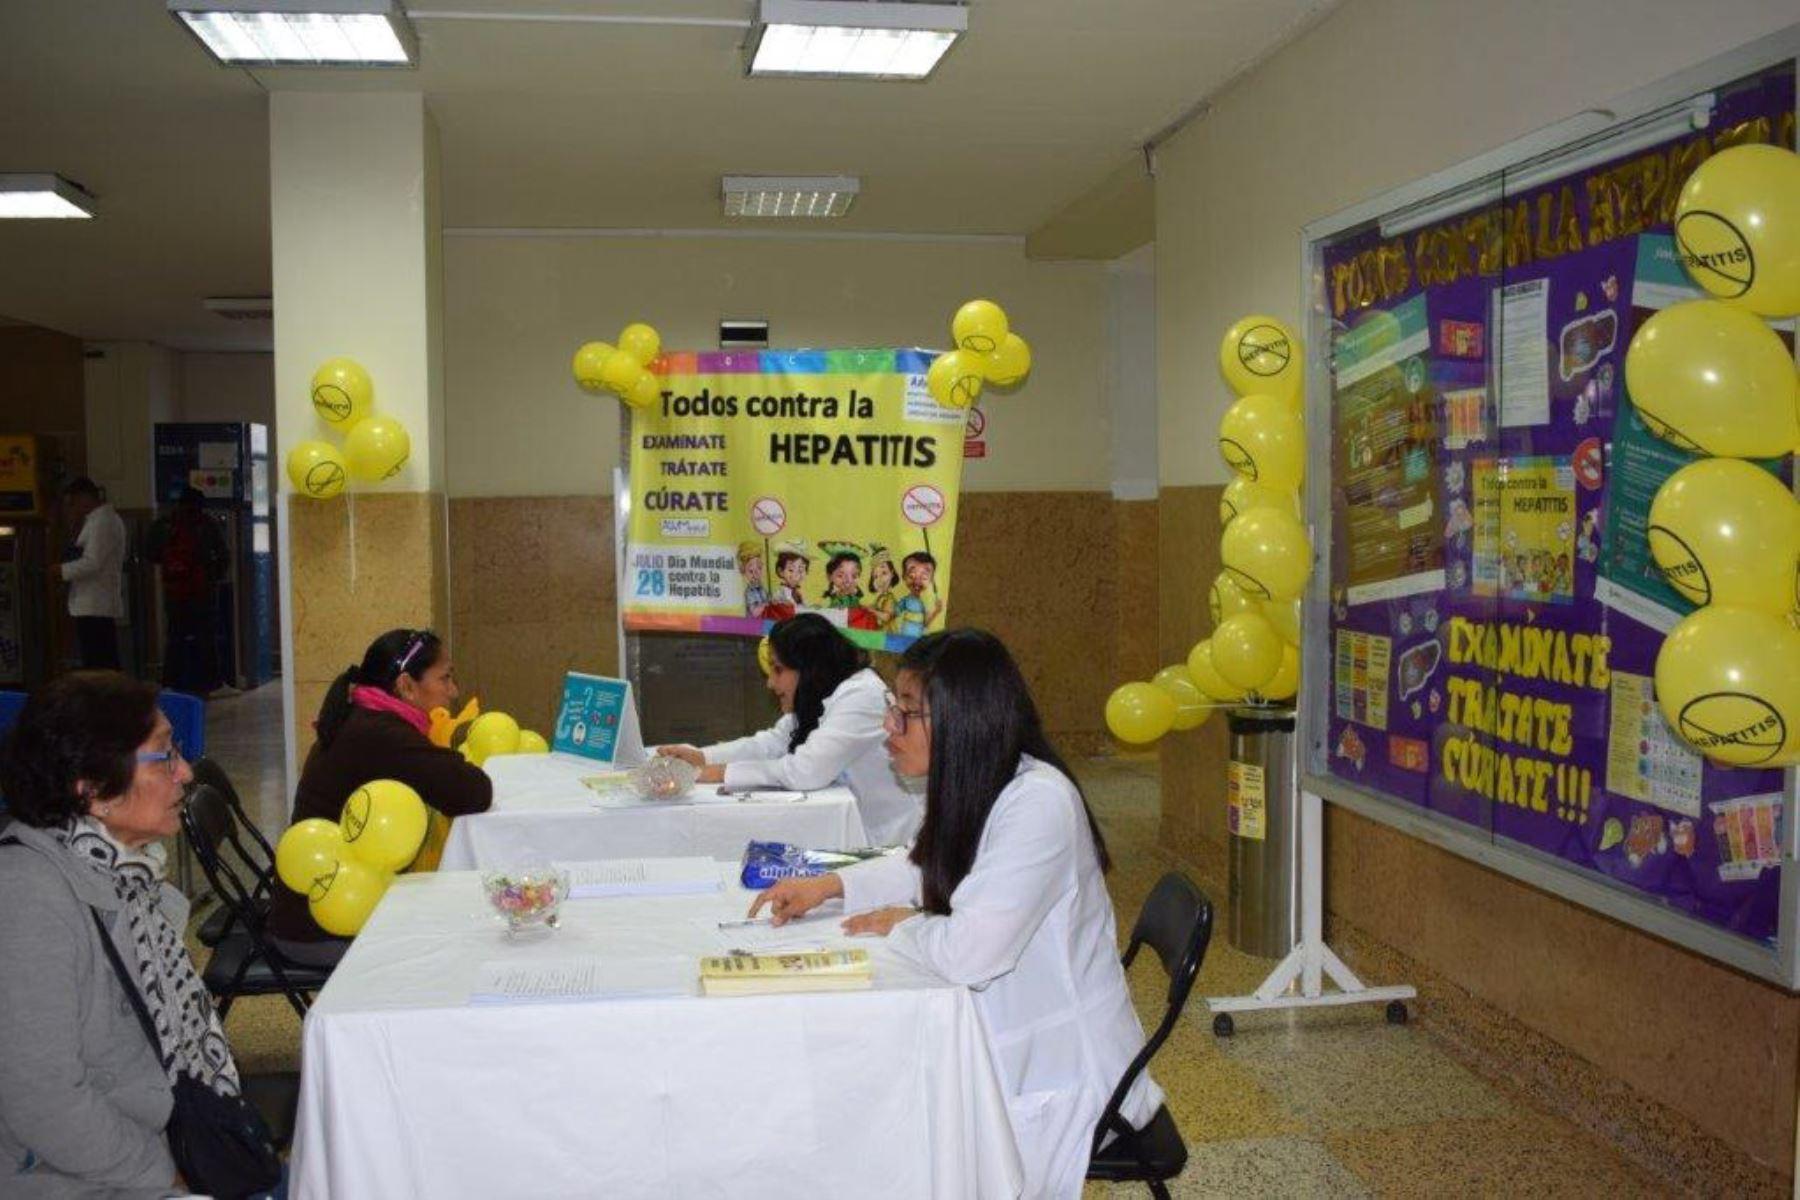 Campaña preventiva de los diversos tipos de hepatitis en Essalud. Foto: Andina/Difusión.